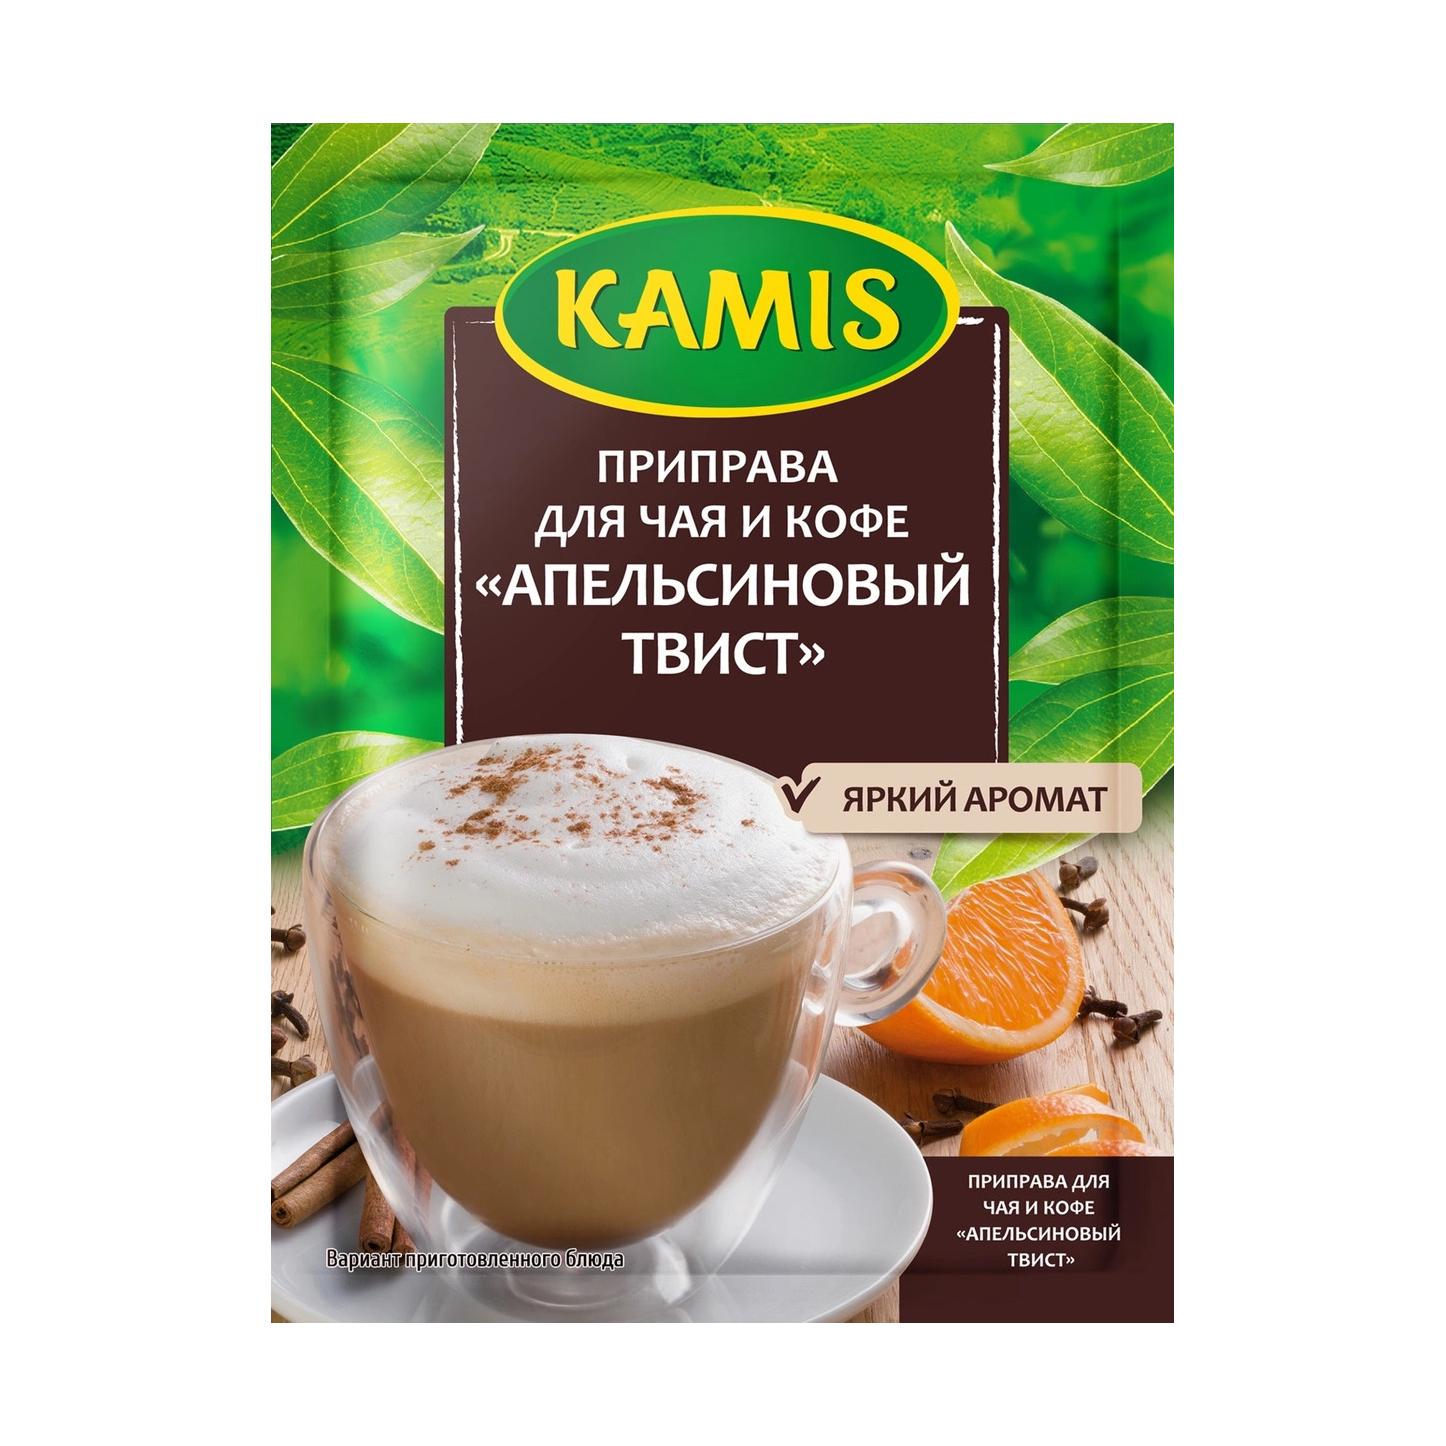 Приправа Kamis Апельсиновый твист для чая и кофе 10 г апельсиновый мармелад шикарный апельсиновый мармеладный джем 10 унций 284 г